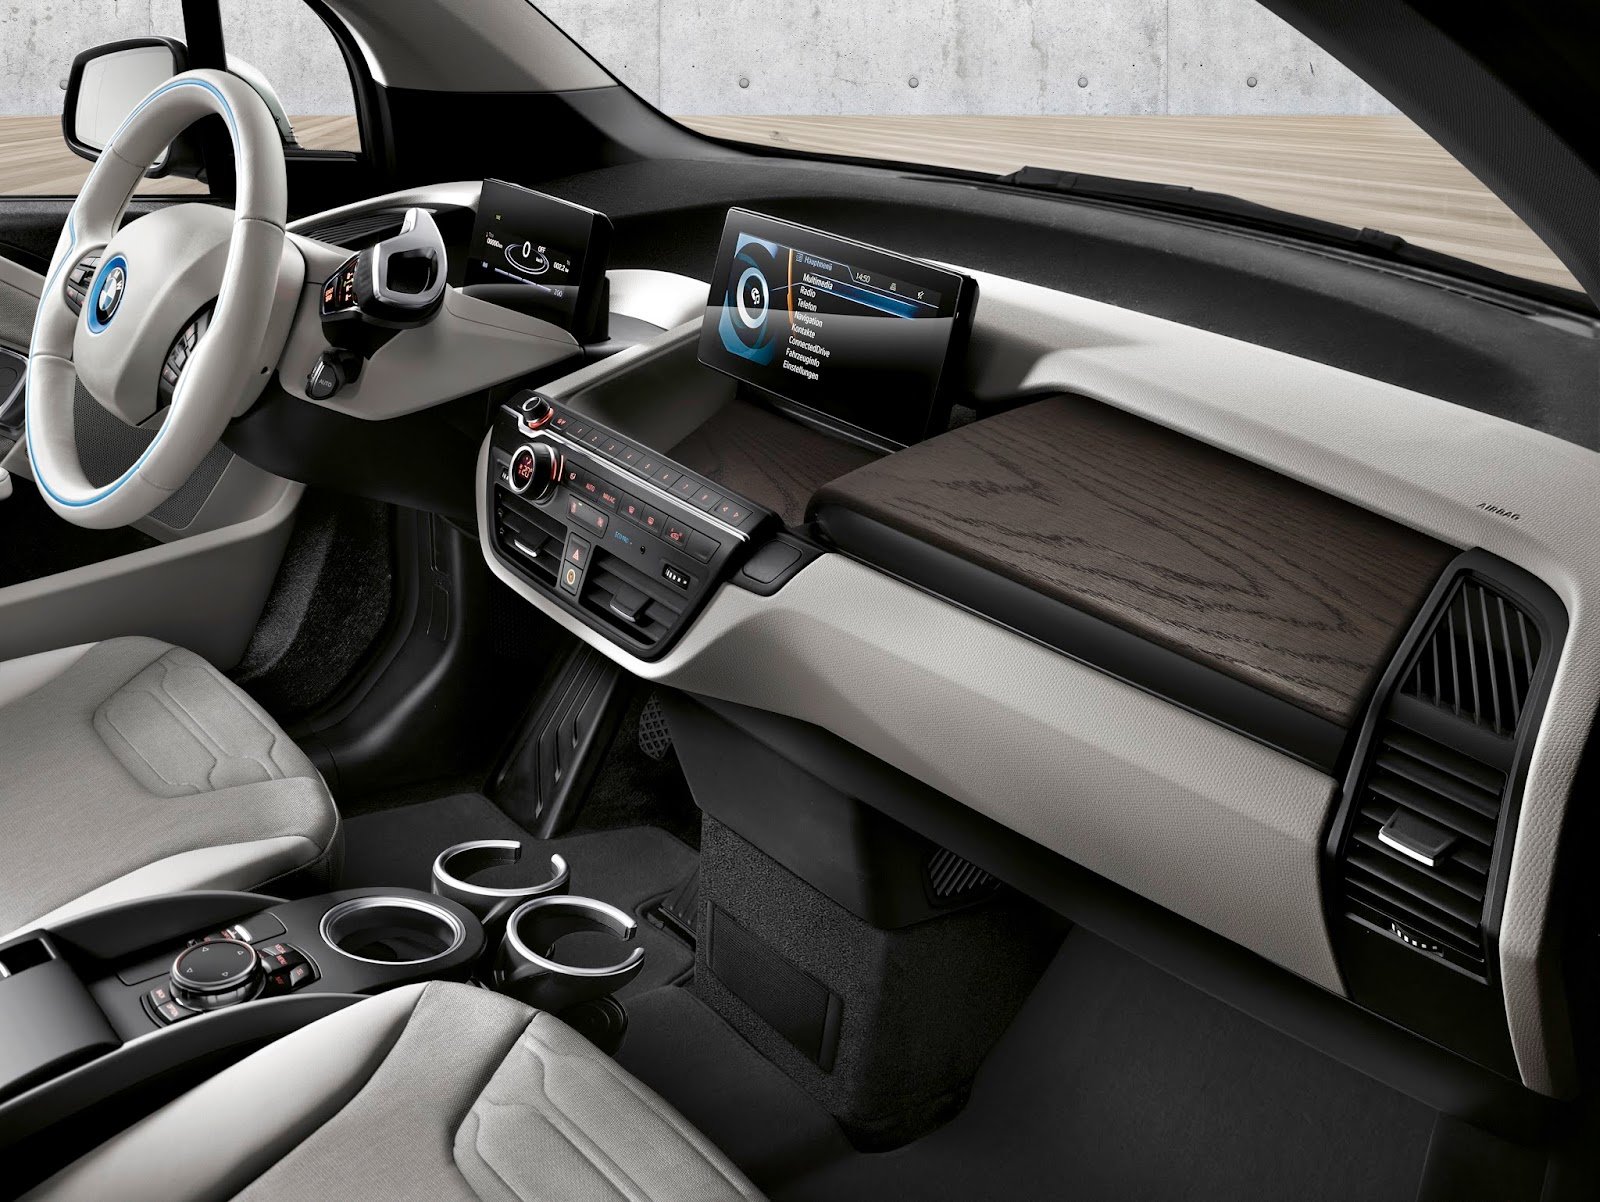 P90216975 highRes bmw i3 94ah 05 2016 Μεγαλύτερη αυτονομία για το i3 της BMW BMW, BMW i, BMW i3, car, Electric cars